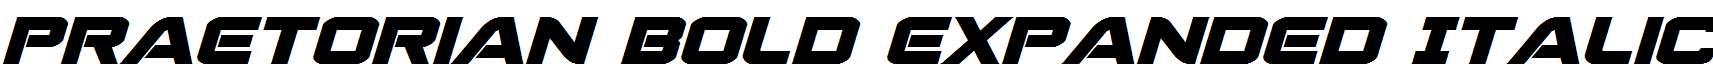 Praetorian-Bold-Expanded-Italic